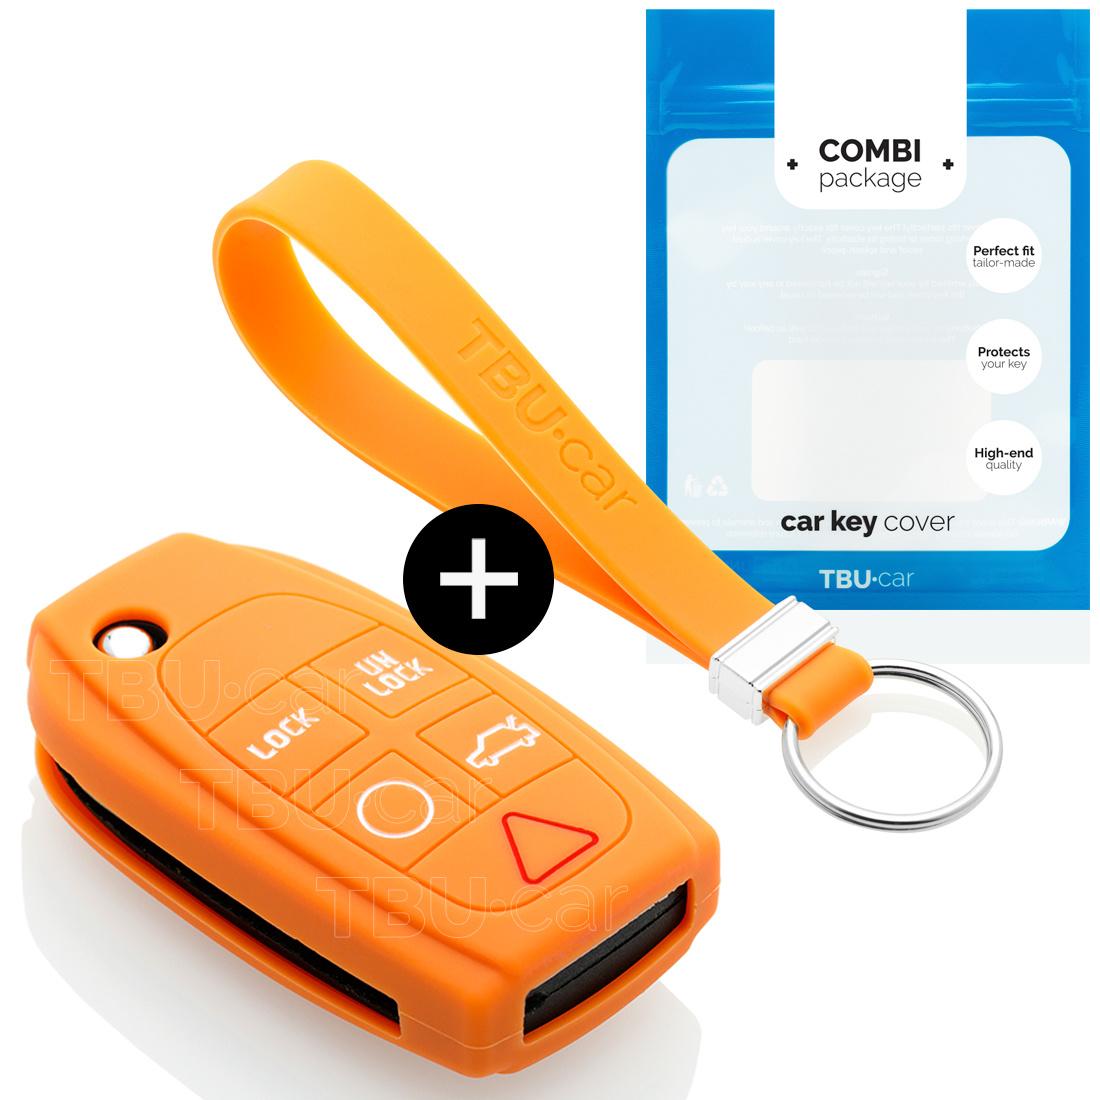 TBU car Autoschlüssel Hülle für Volvo 5 Tasten - Schutzhülle aus Silikon - Auto Schlüsselhülle Cover in Orange